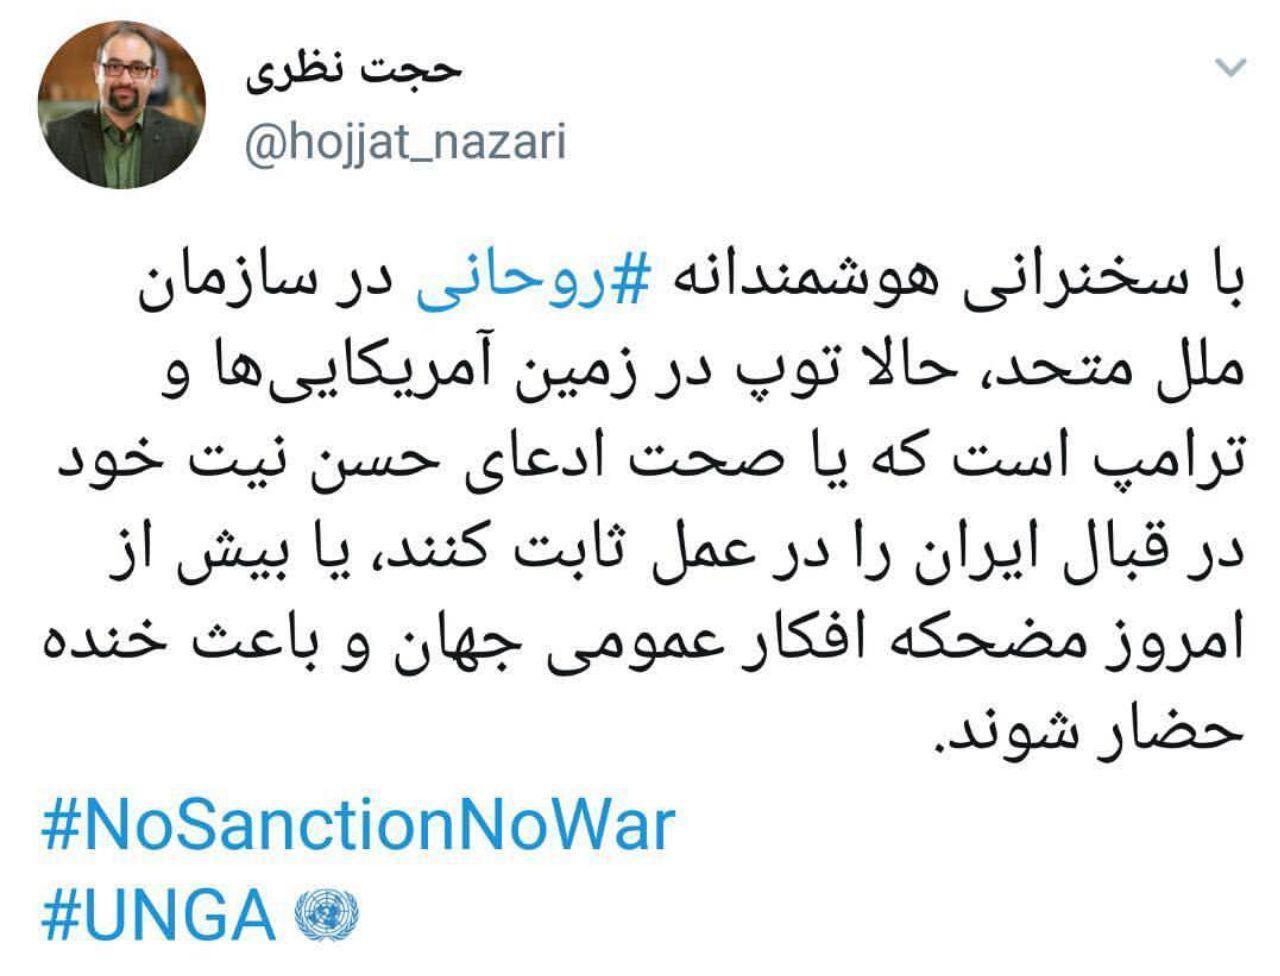 حمایت عضو شورای شهر تهران از سخنرانی رئیس جمهور در سازمان ملل